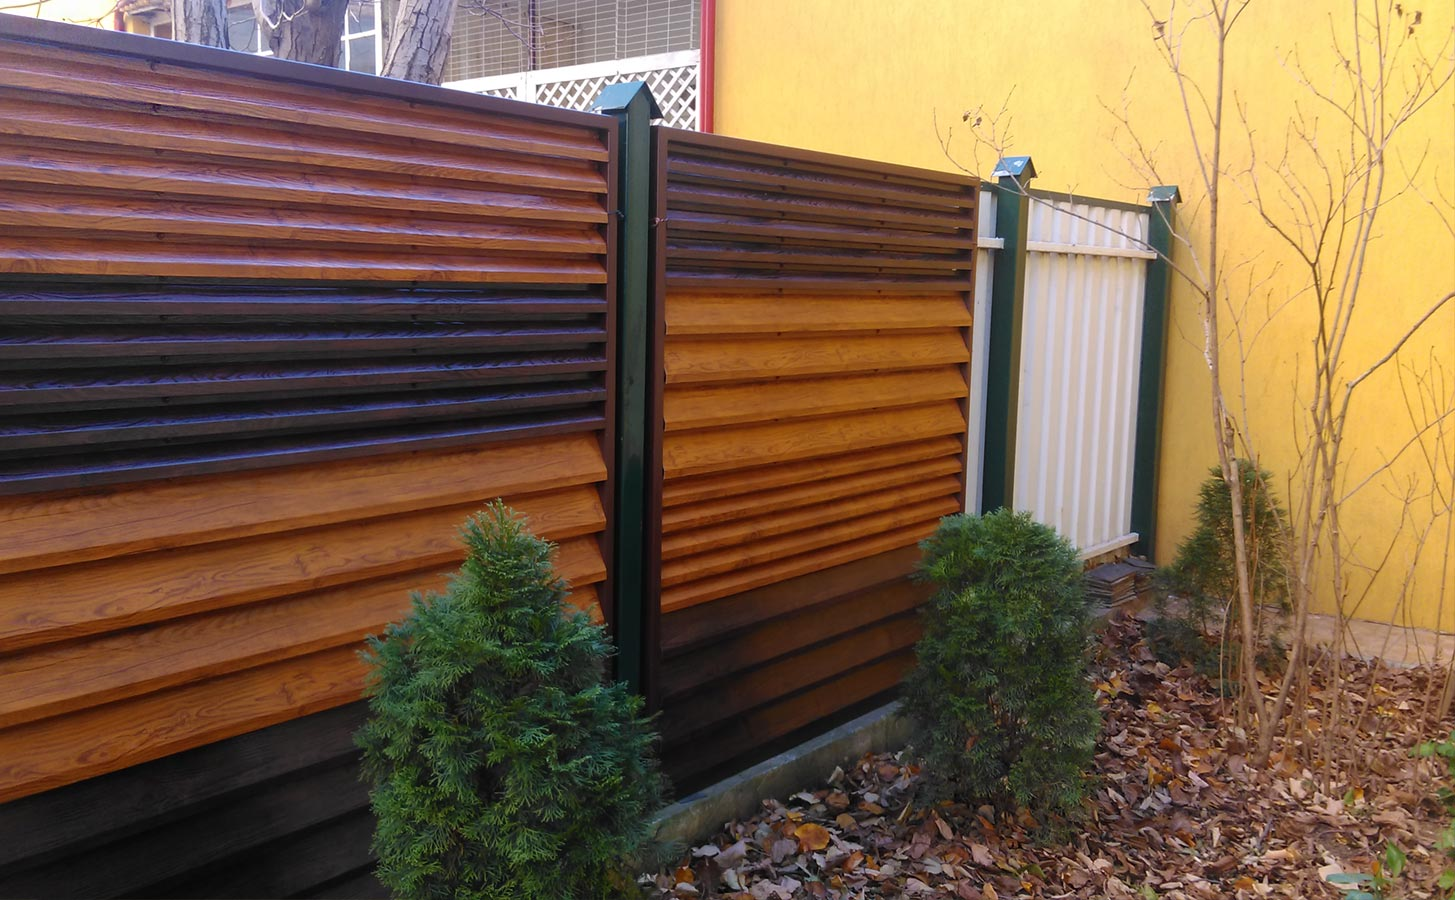 Gard metalic imitatie lemn mix din mai multe nuante